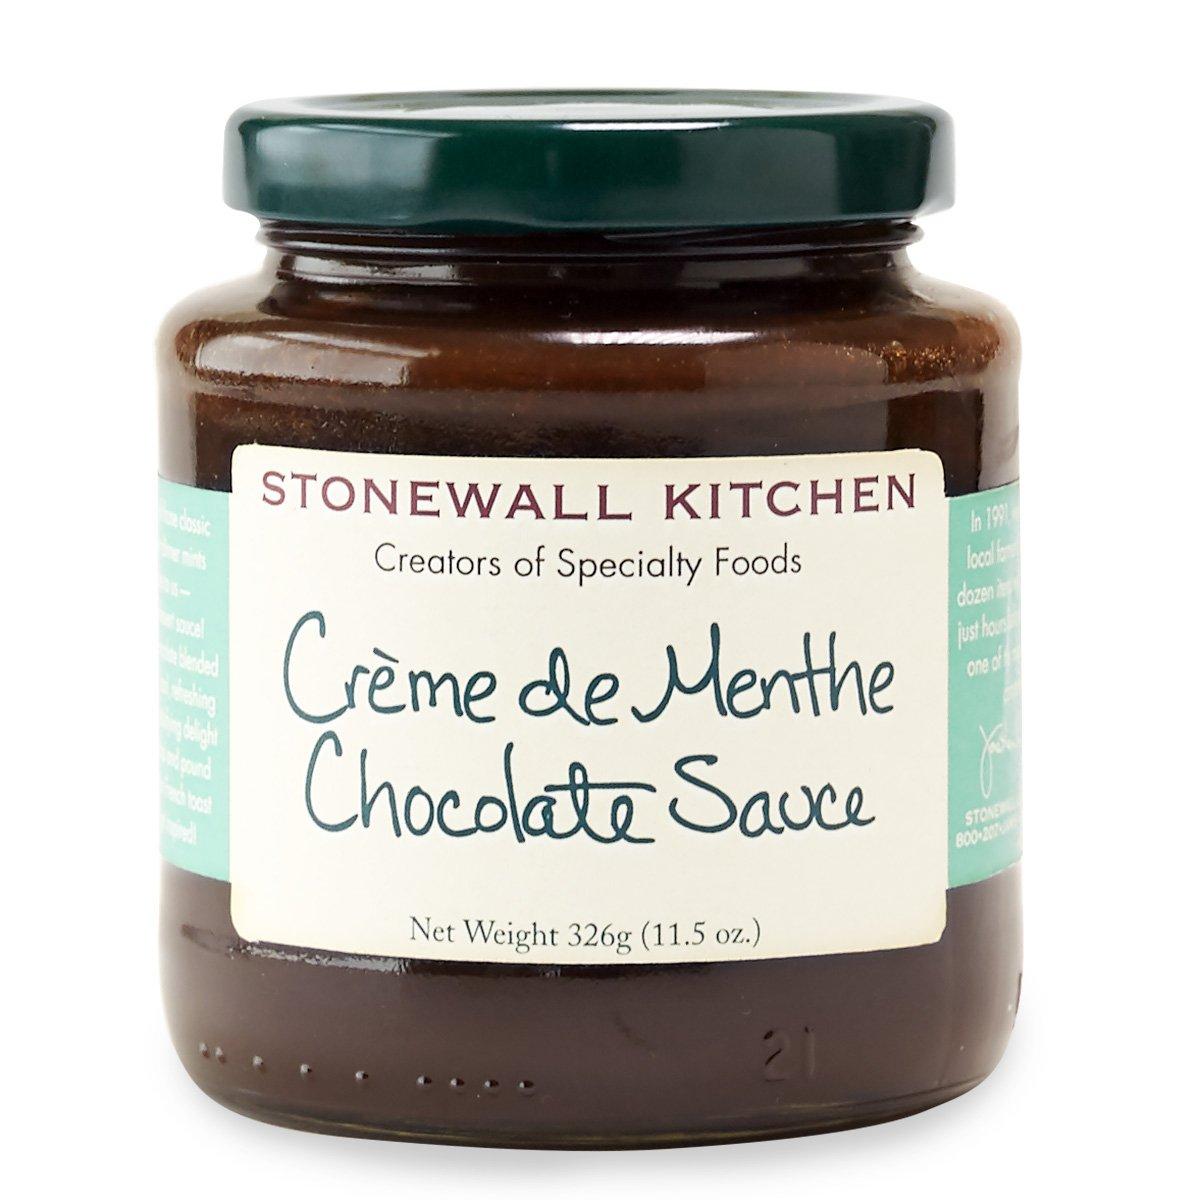 Stonewall Kitchen Creme de Menthe Chocolate Sauce, 11.5 Ounces